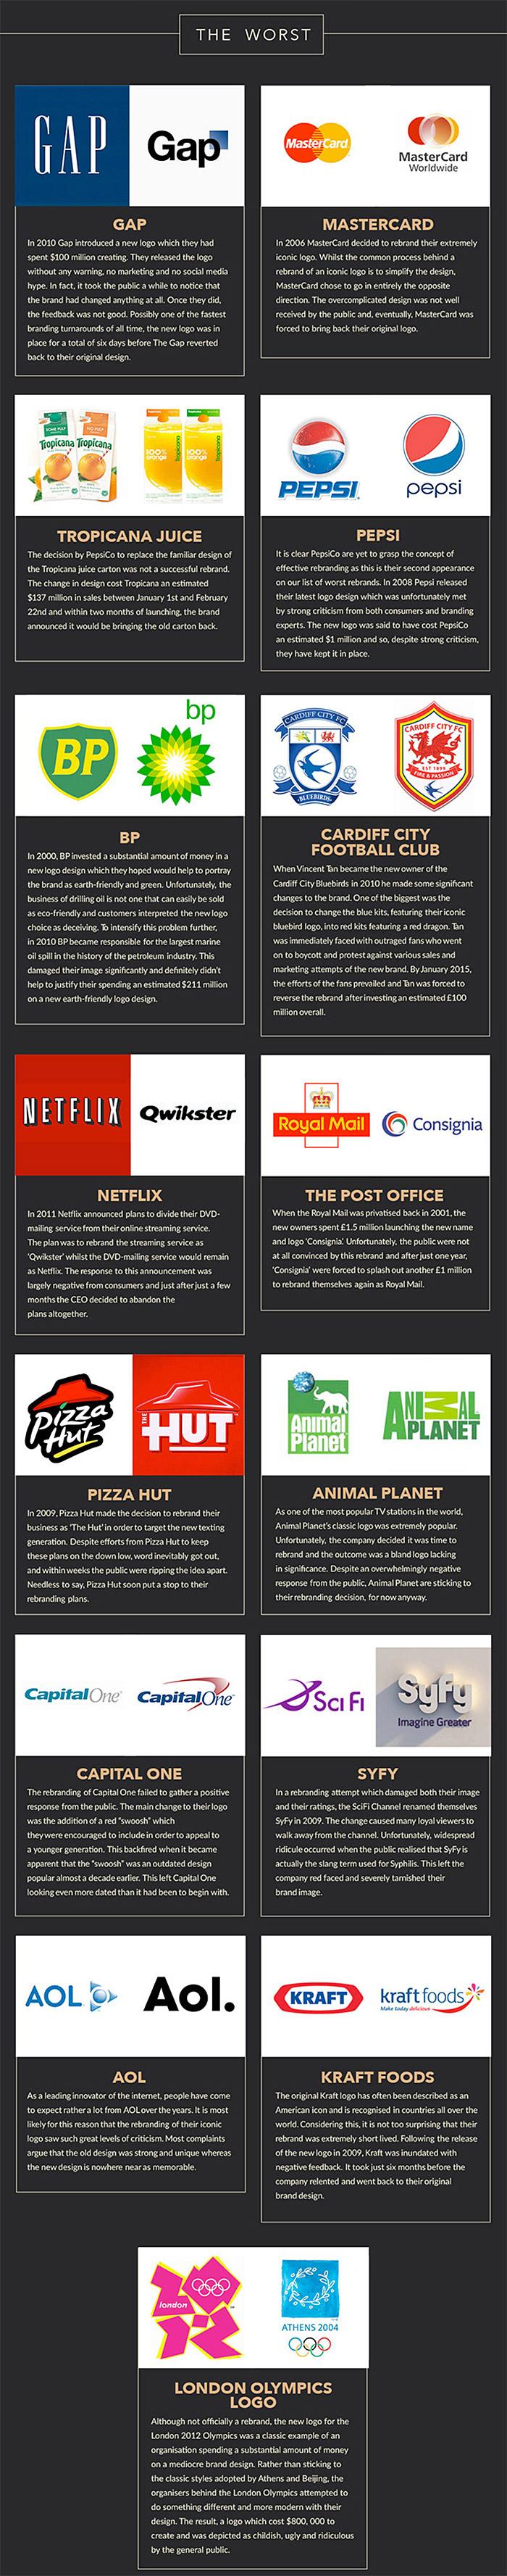 Los mejores y peores rediseños de imagen corporativa 02